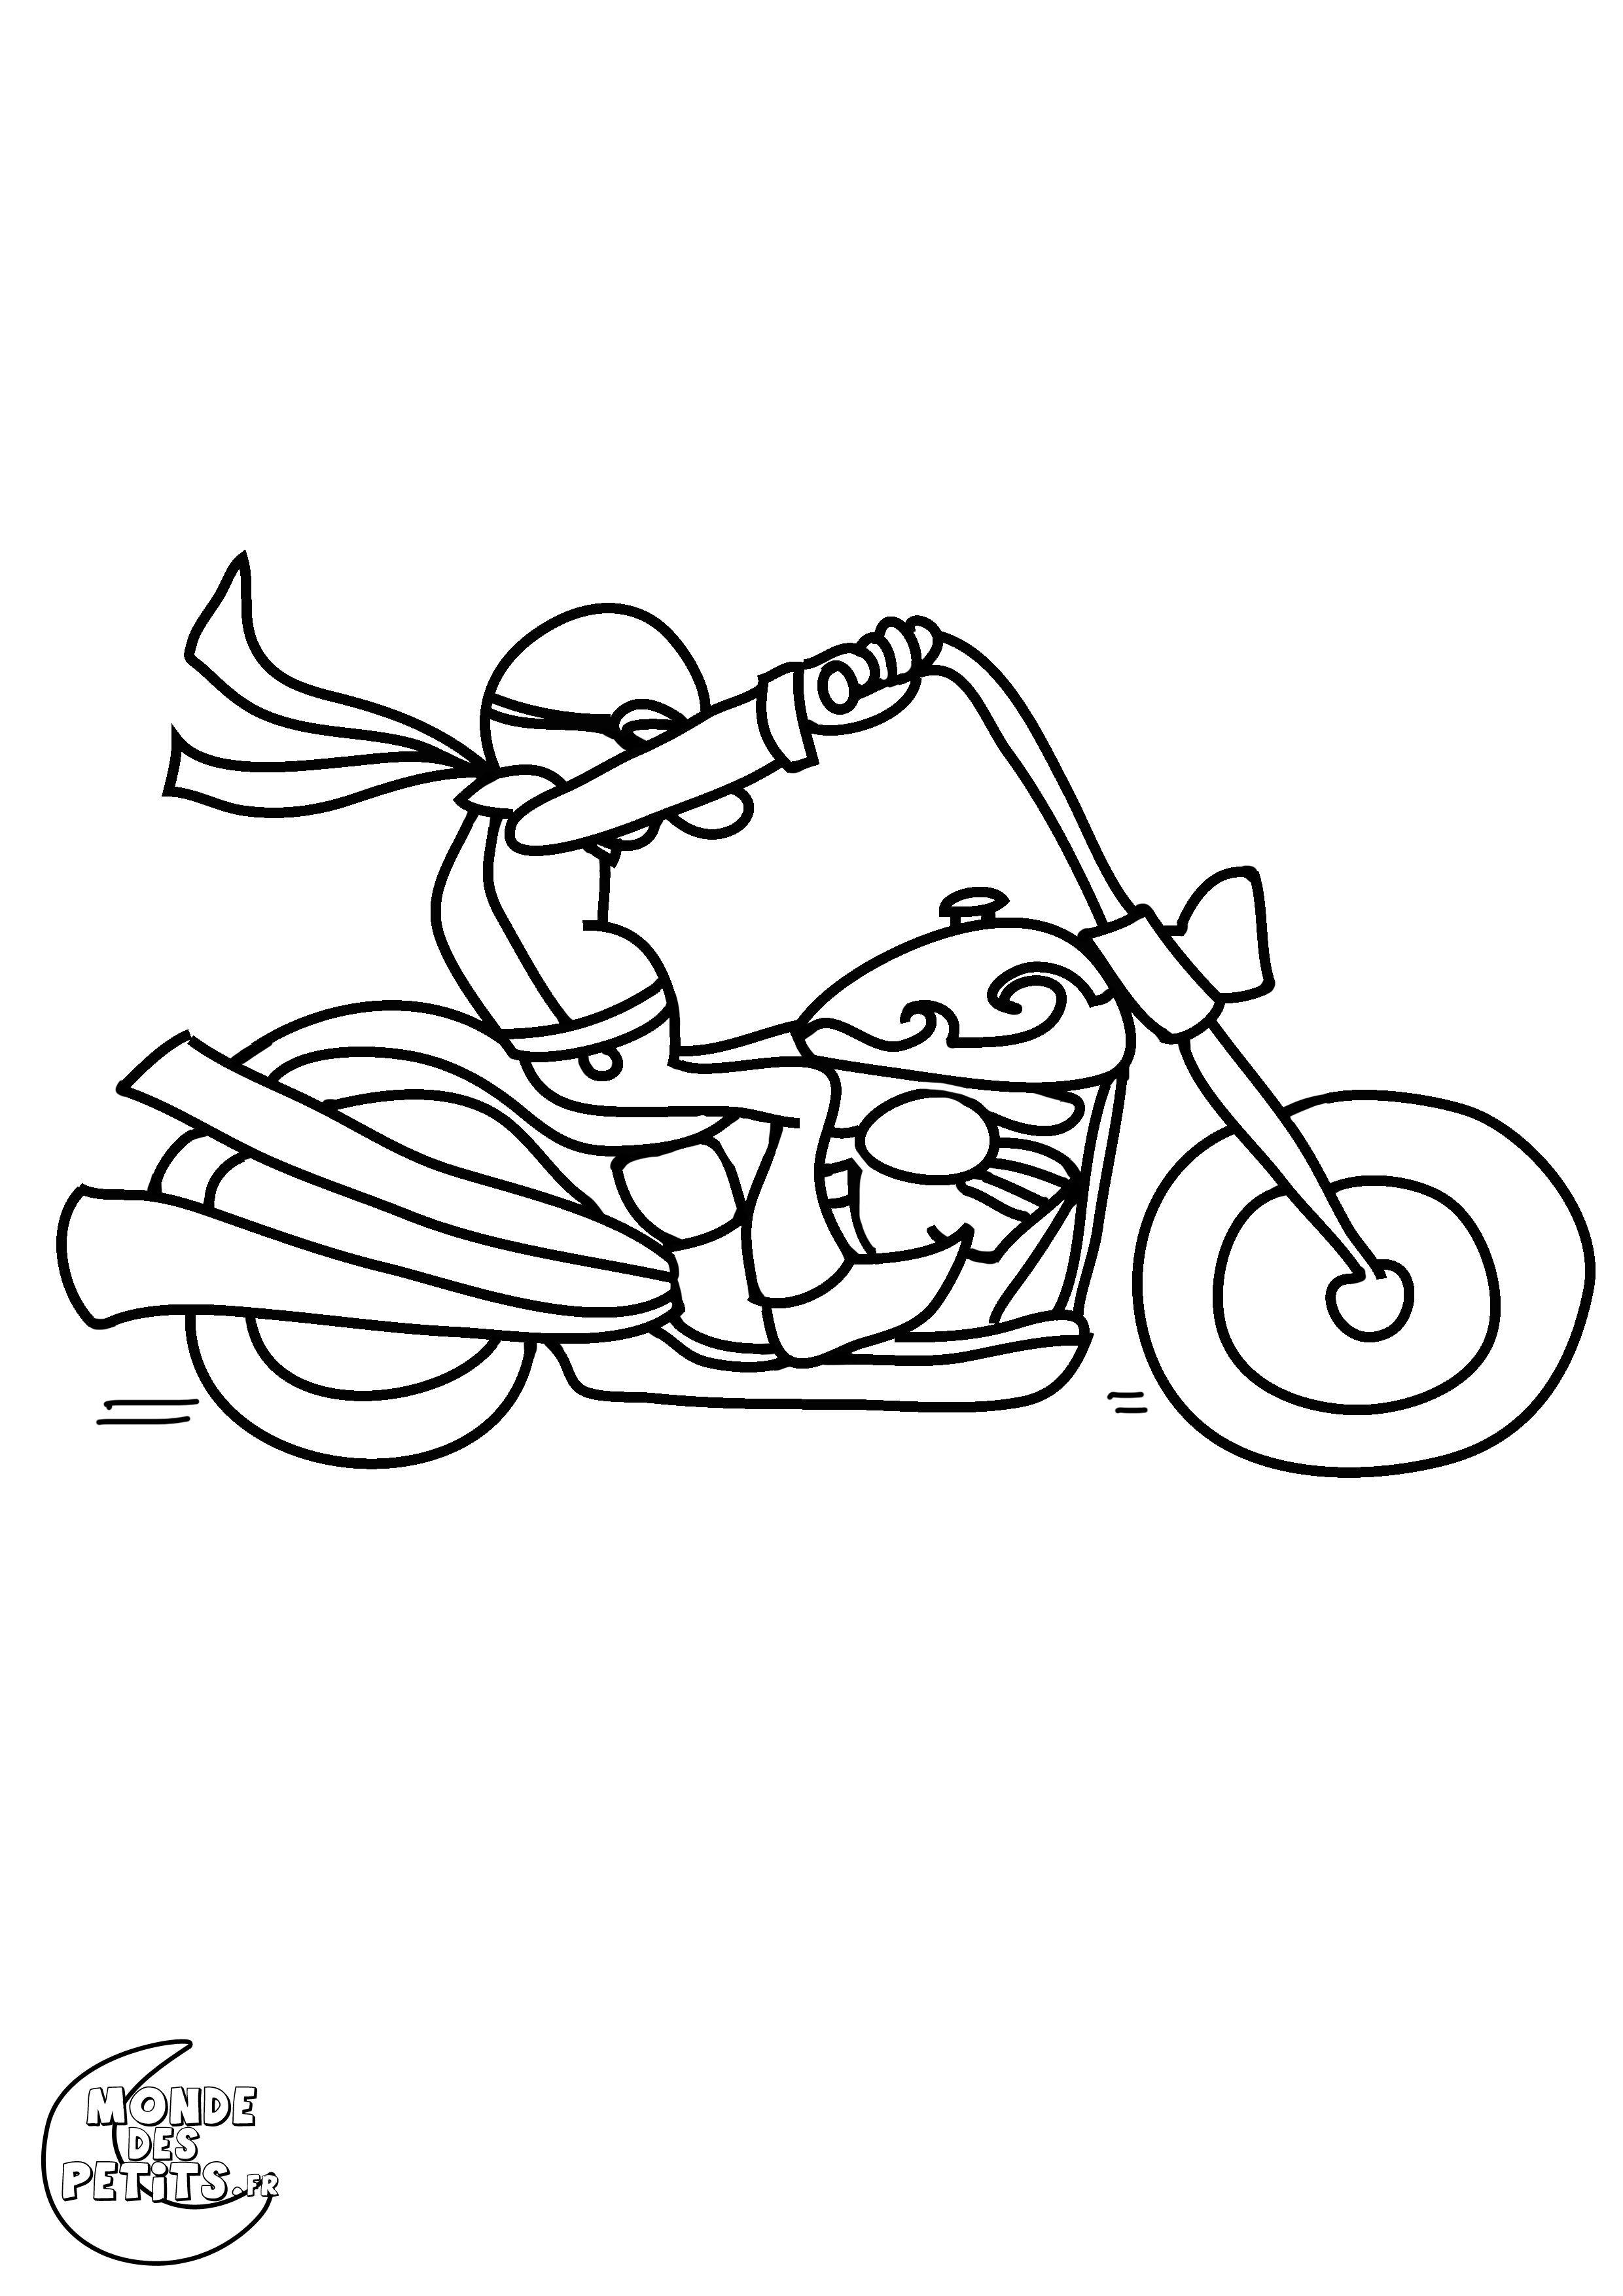 Moto harley dessin recherche google a imprimer motos cumple 40 et cumple - Moto a colorier en ligne ...